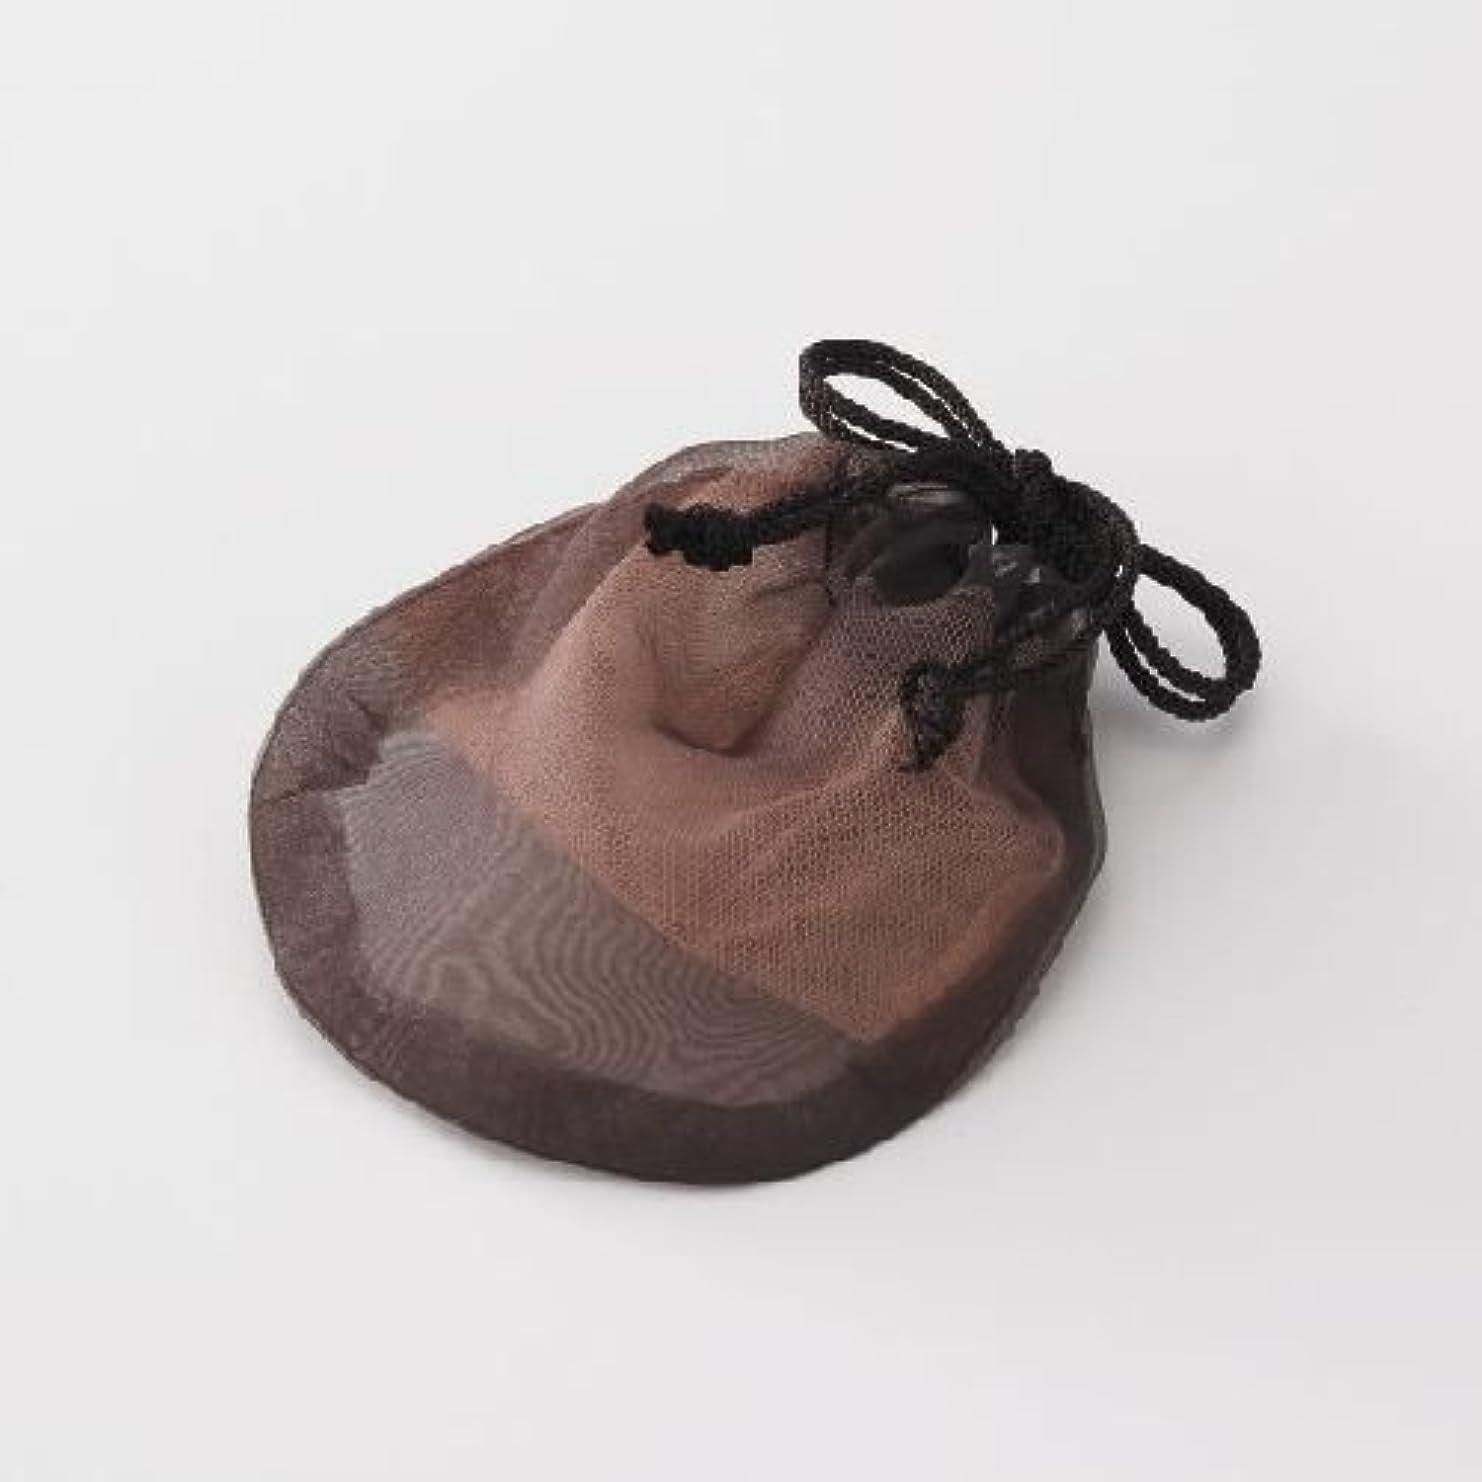 同化いう無効にするピギーバックス ソープネット 瞬時にマシュマロのようなお肌に負担をかけないキメ細かな泡をつくることができるオシャレなポーチ型オリジナル【泡だてネット】!衛生的に固形石鹸の保存もできます。